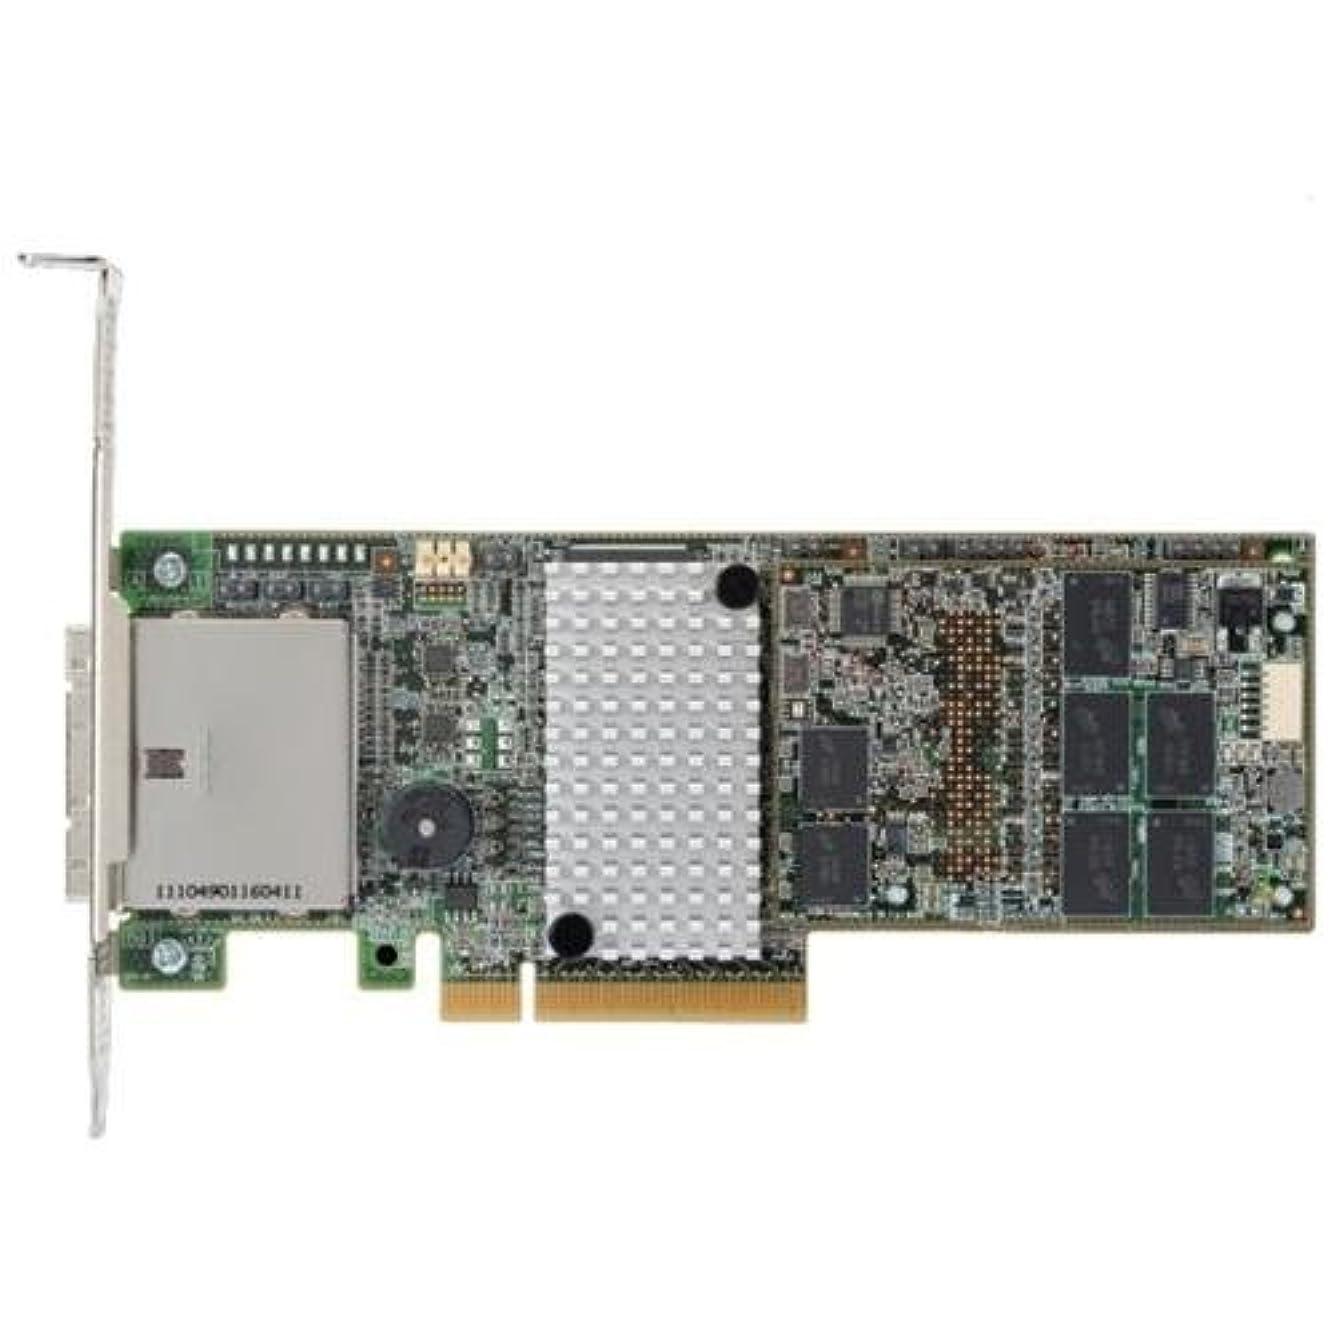 青会社ビデオ隠し54mm ExpressCard USB 3.0 + eSATA II 2.0コンボアダプタカードラップトップノートブック